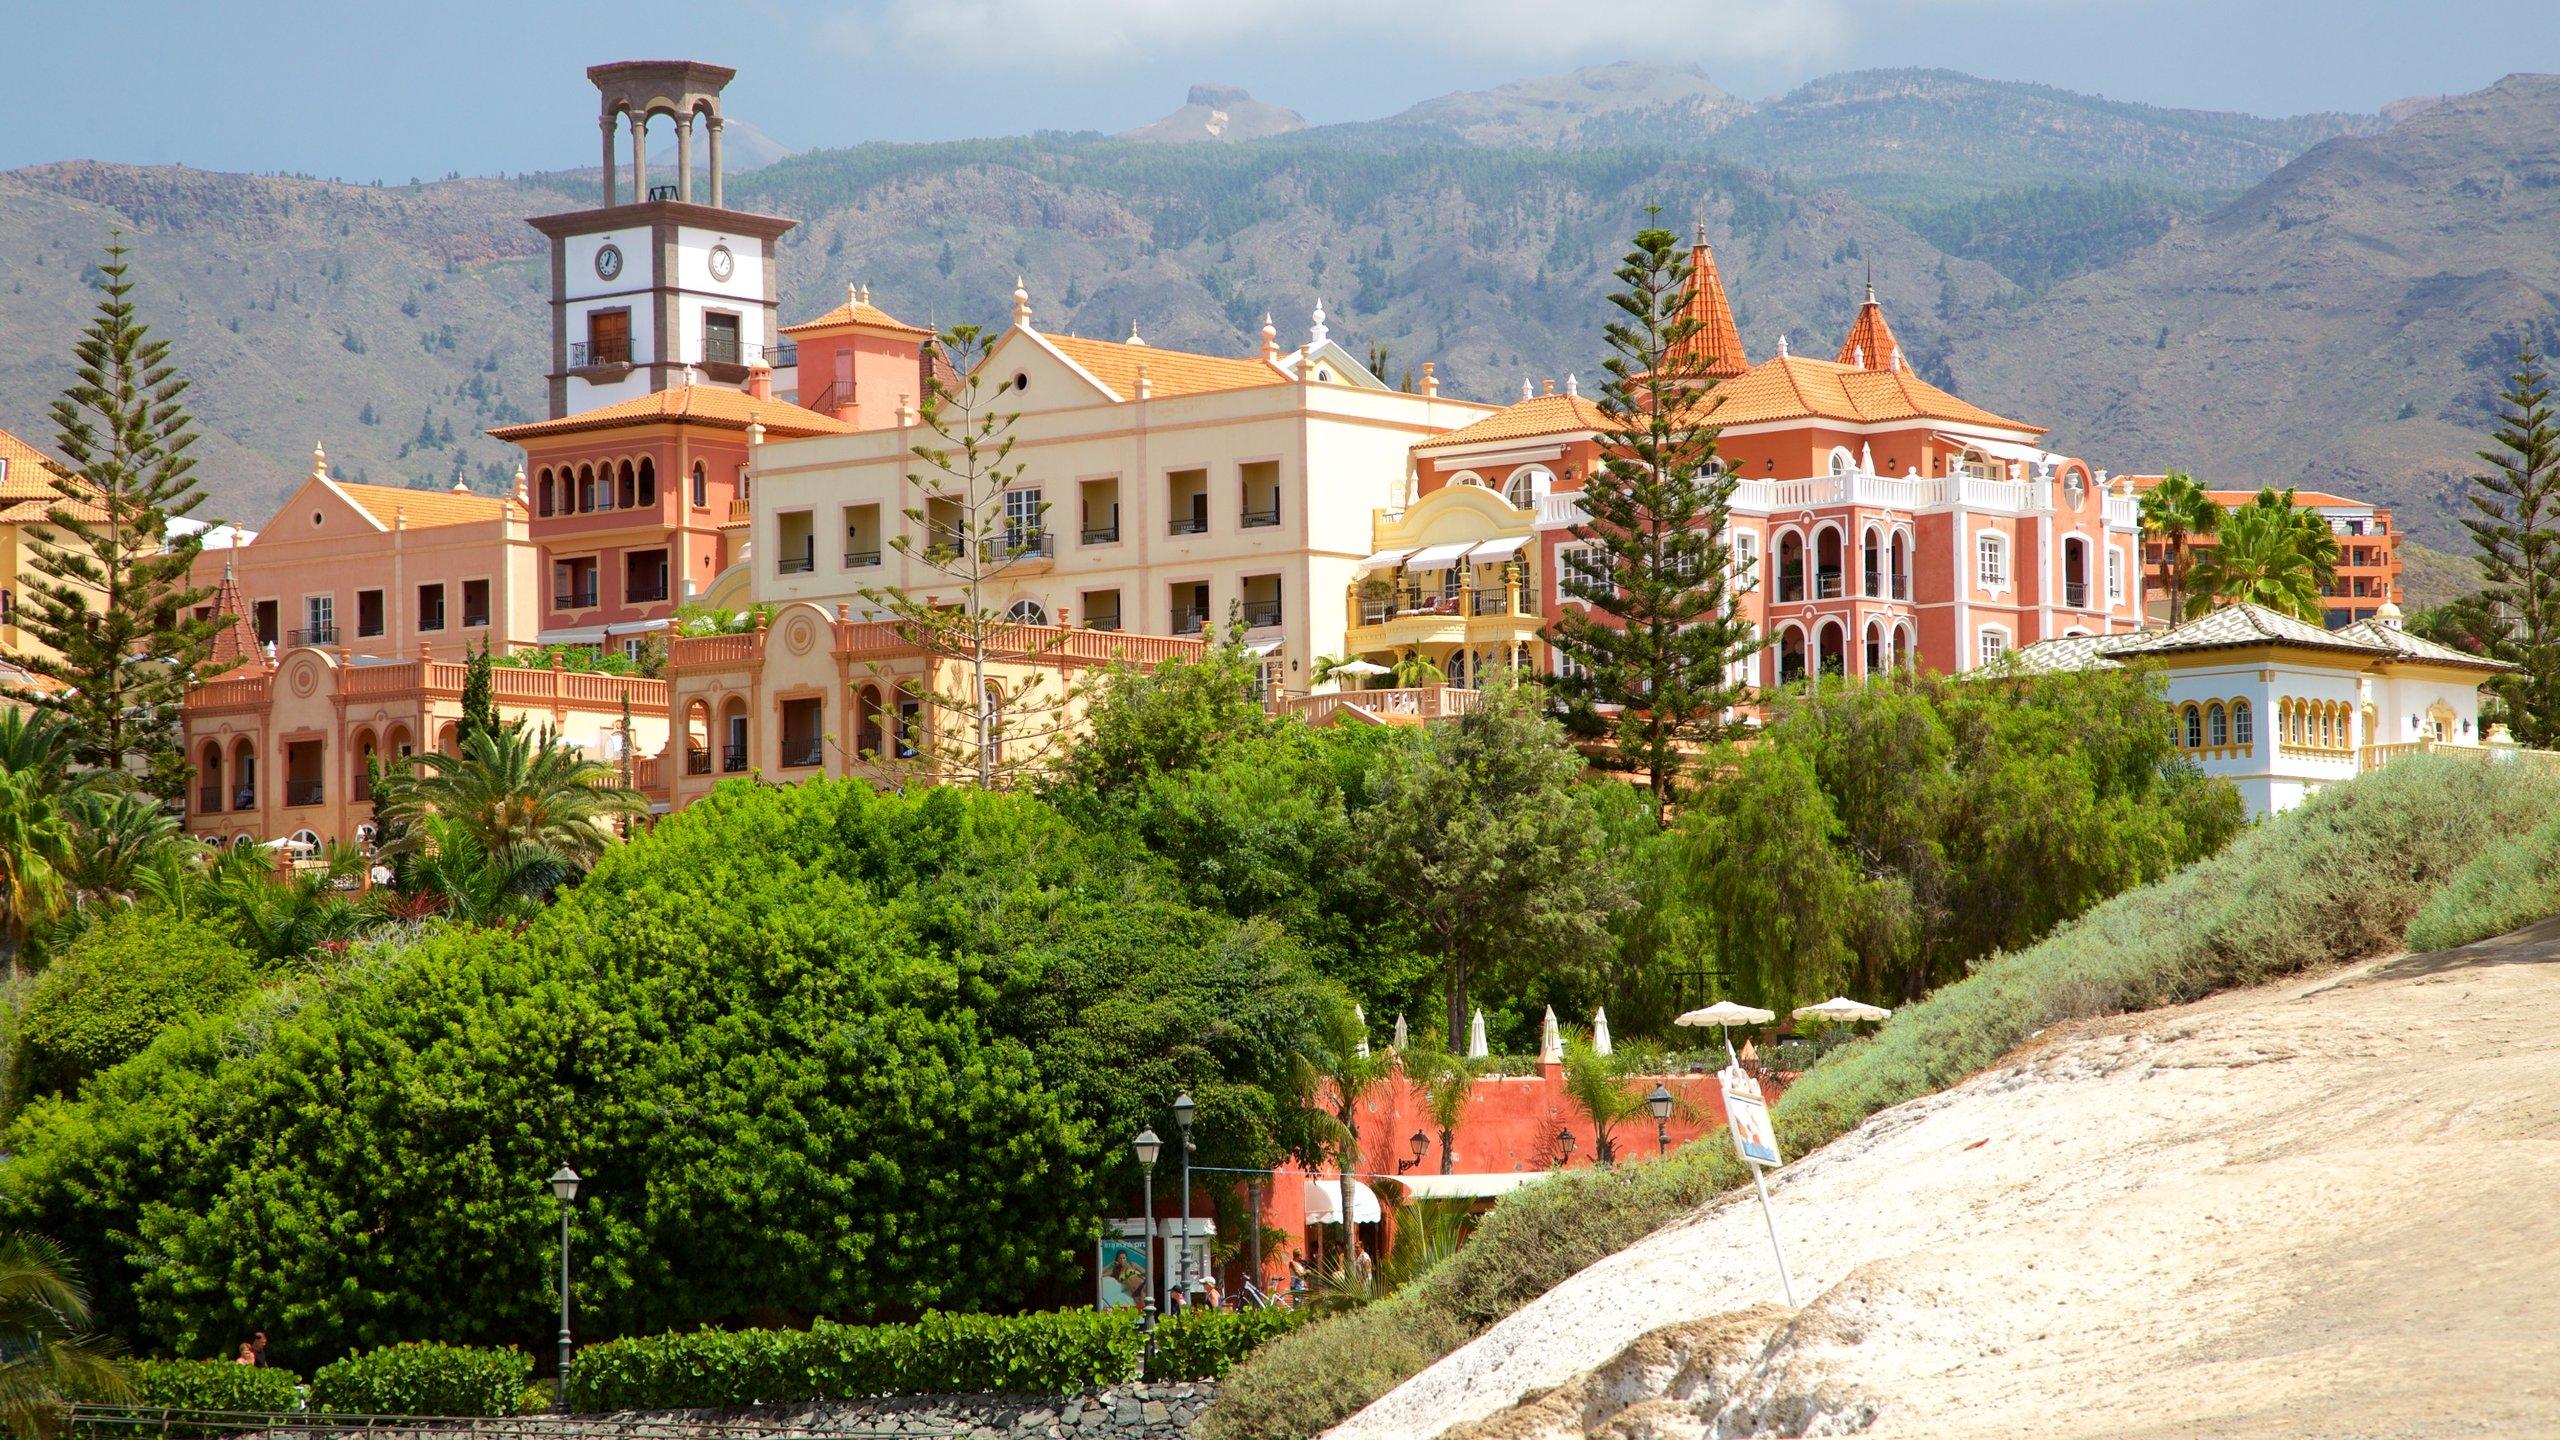 Costa Adeje, Adeje, Canary Islands, Spain